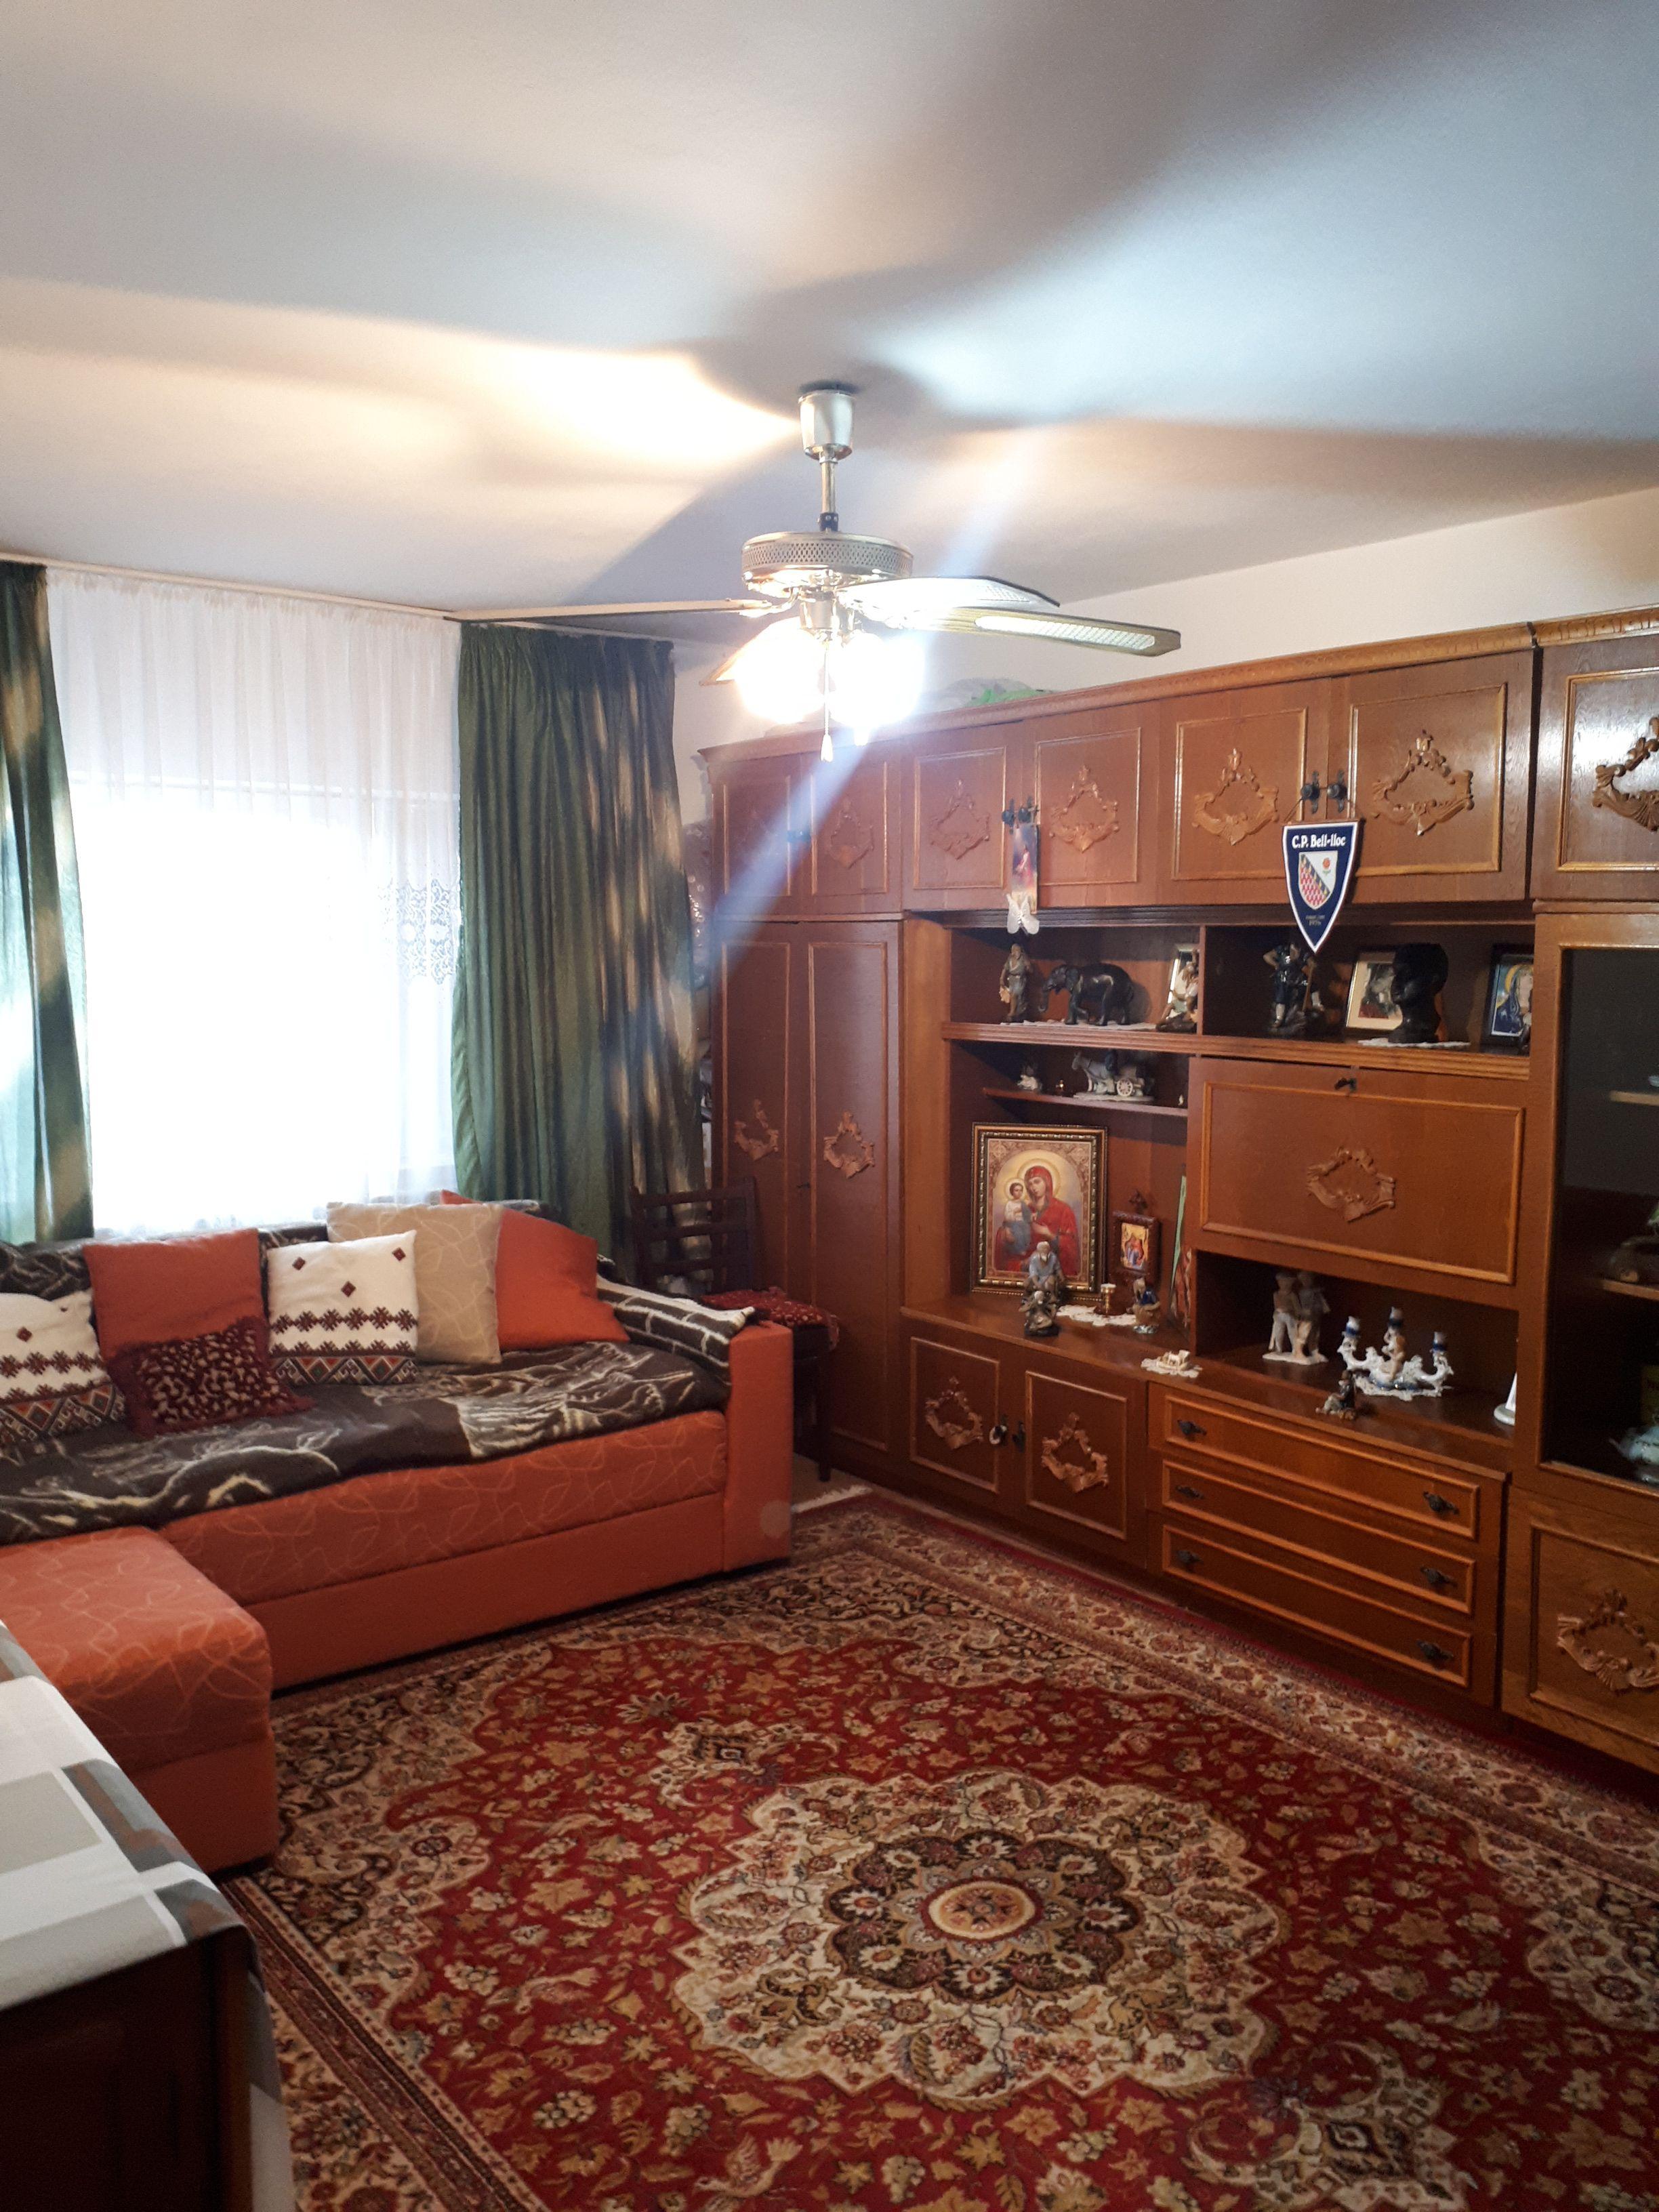 Vanzare Apartament 3 camere - ICIL, Constanta